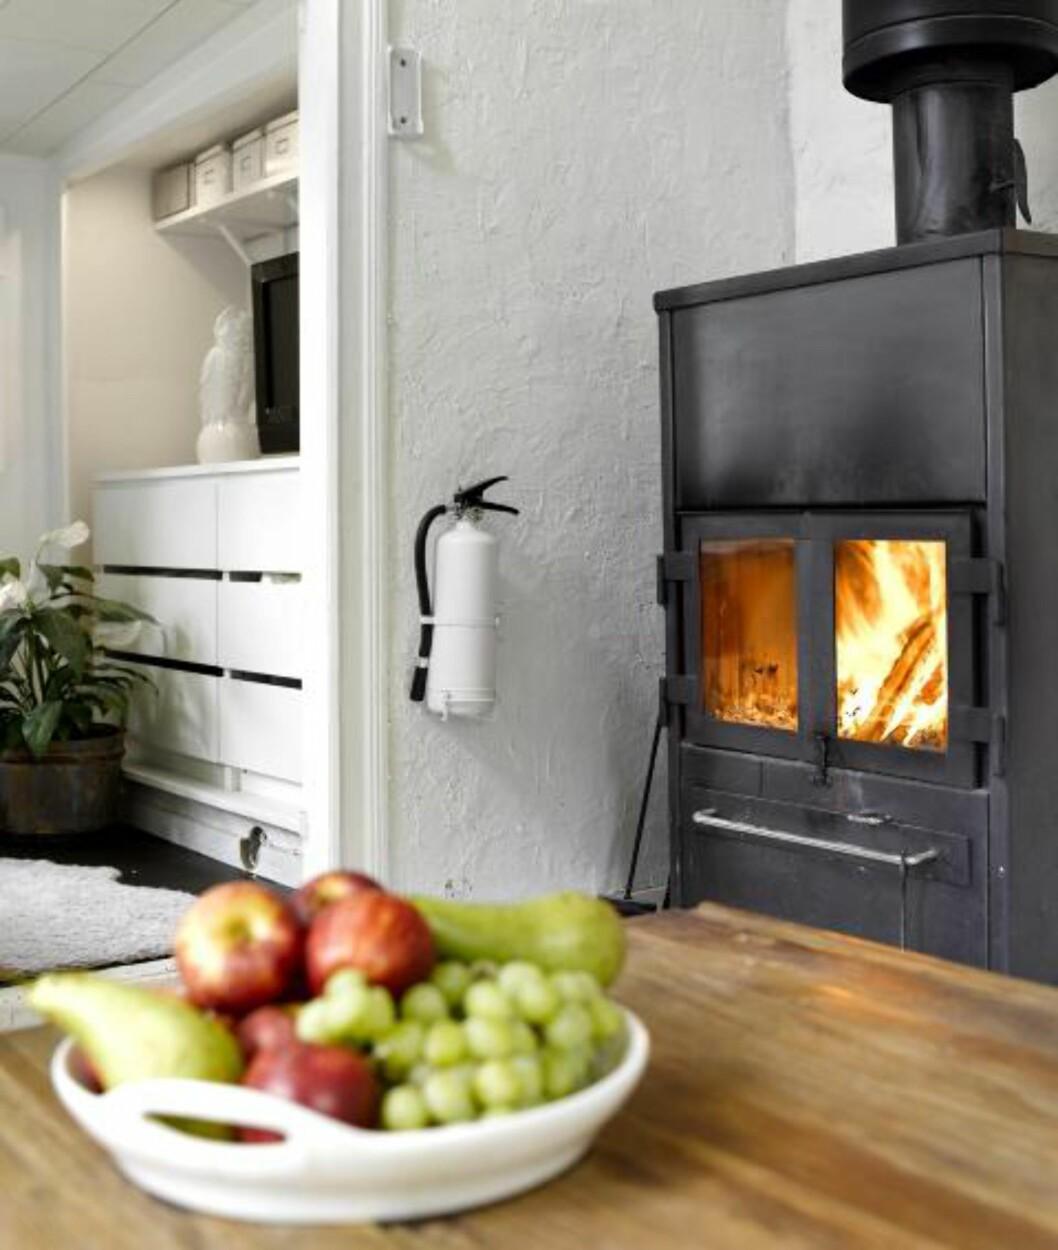 <strong>PEISKOS:</strong> Alt i denne stuen er malt hvitt, inkludert brannslukkingsapparatet. Henrcik maler det meste og endrer stadig uttrykket på interiøret sitt. Foto: Per Erik Jæger